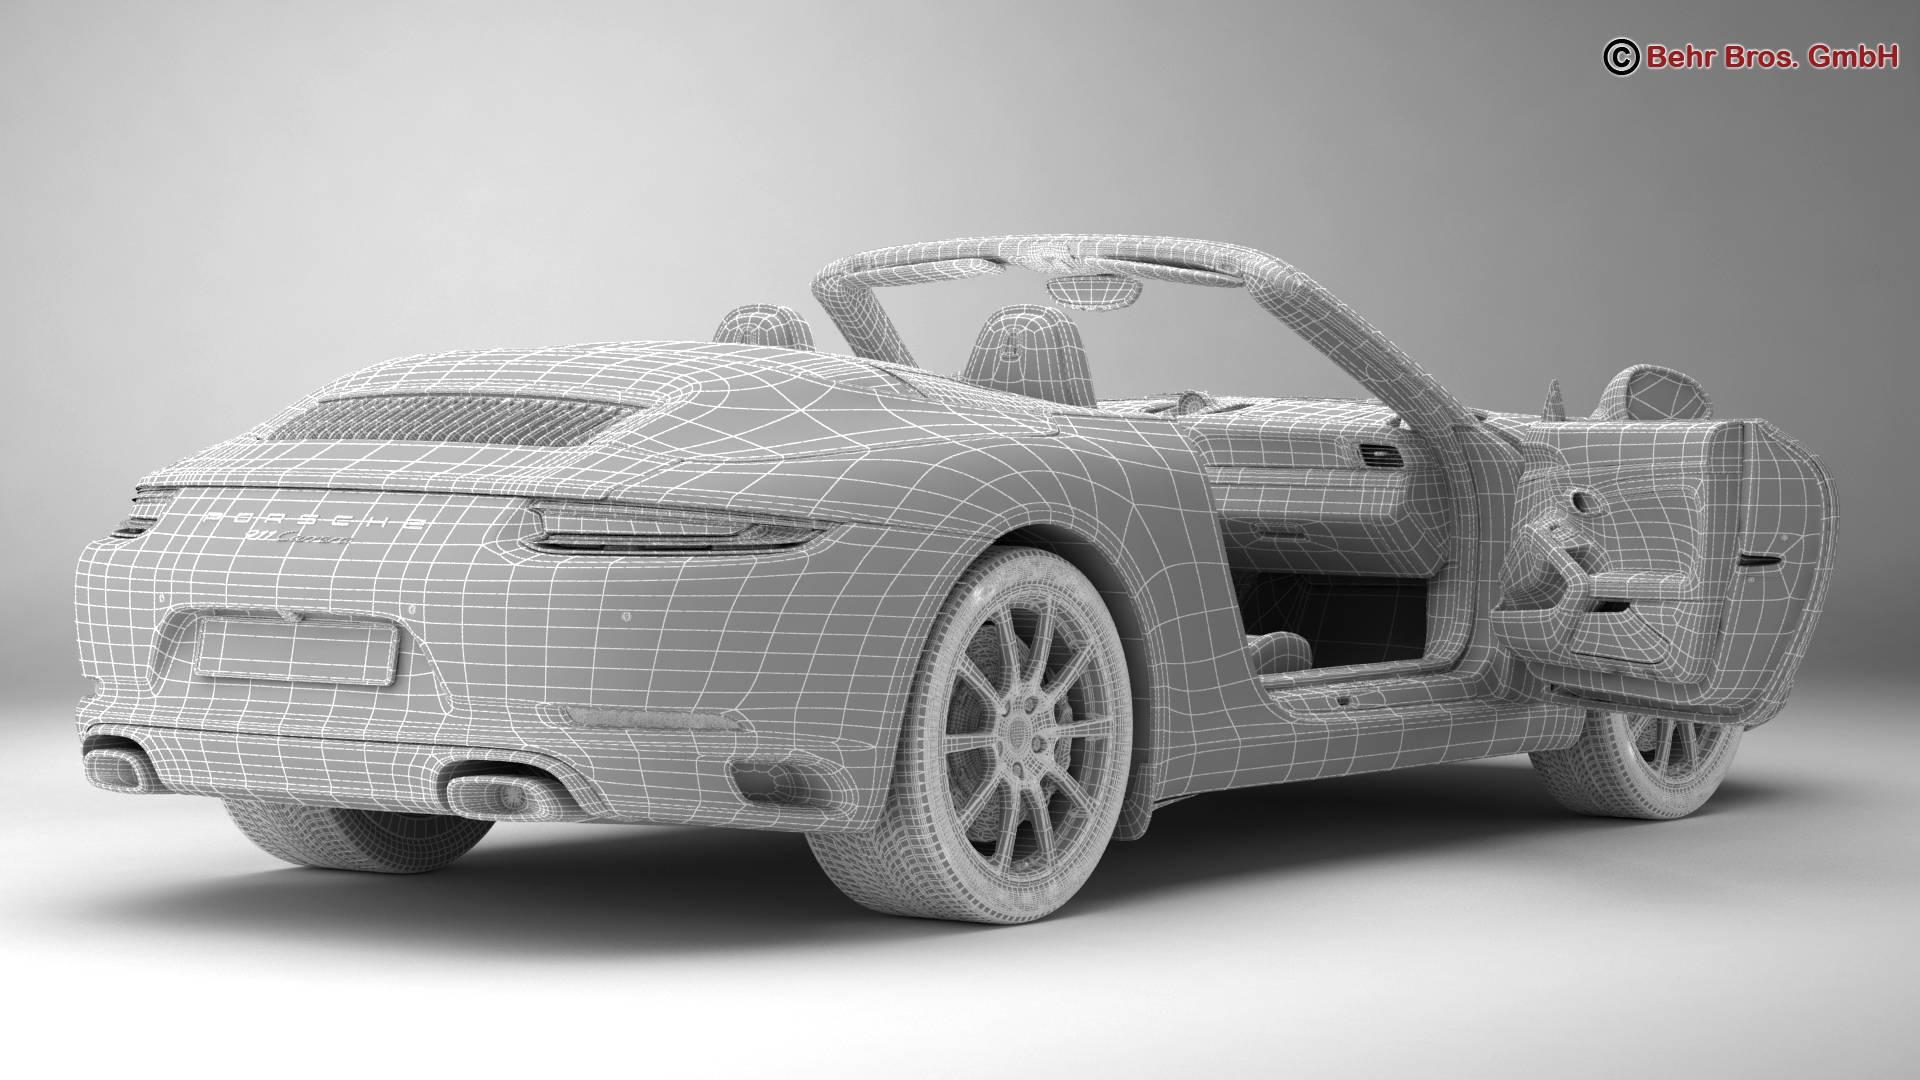 porsche 911 carrera cabriolet 2017 3d líkan 3ds max fbx c4d lwo ma mb obj 220809